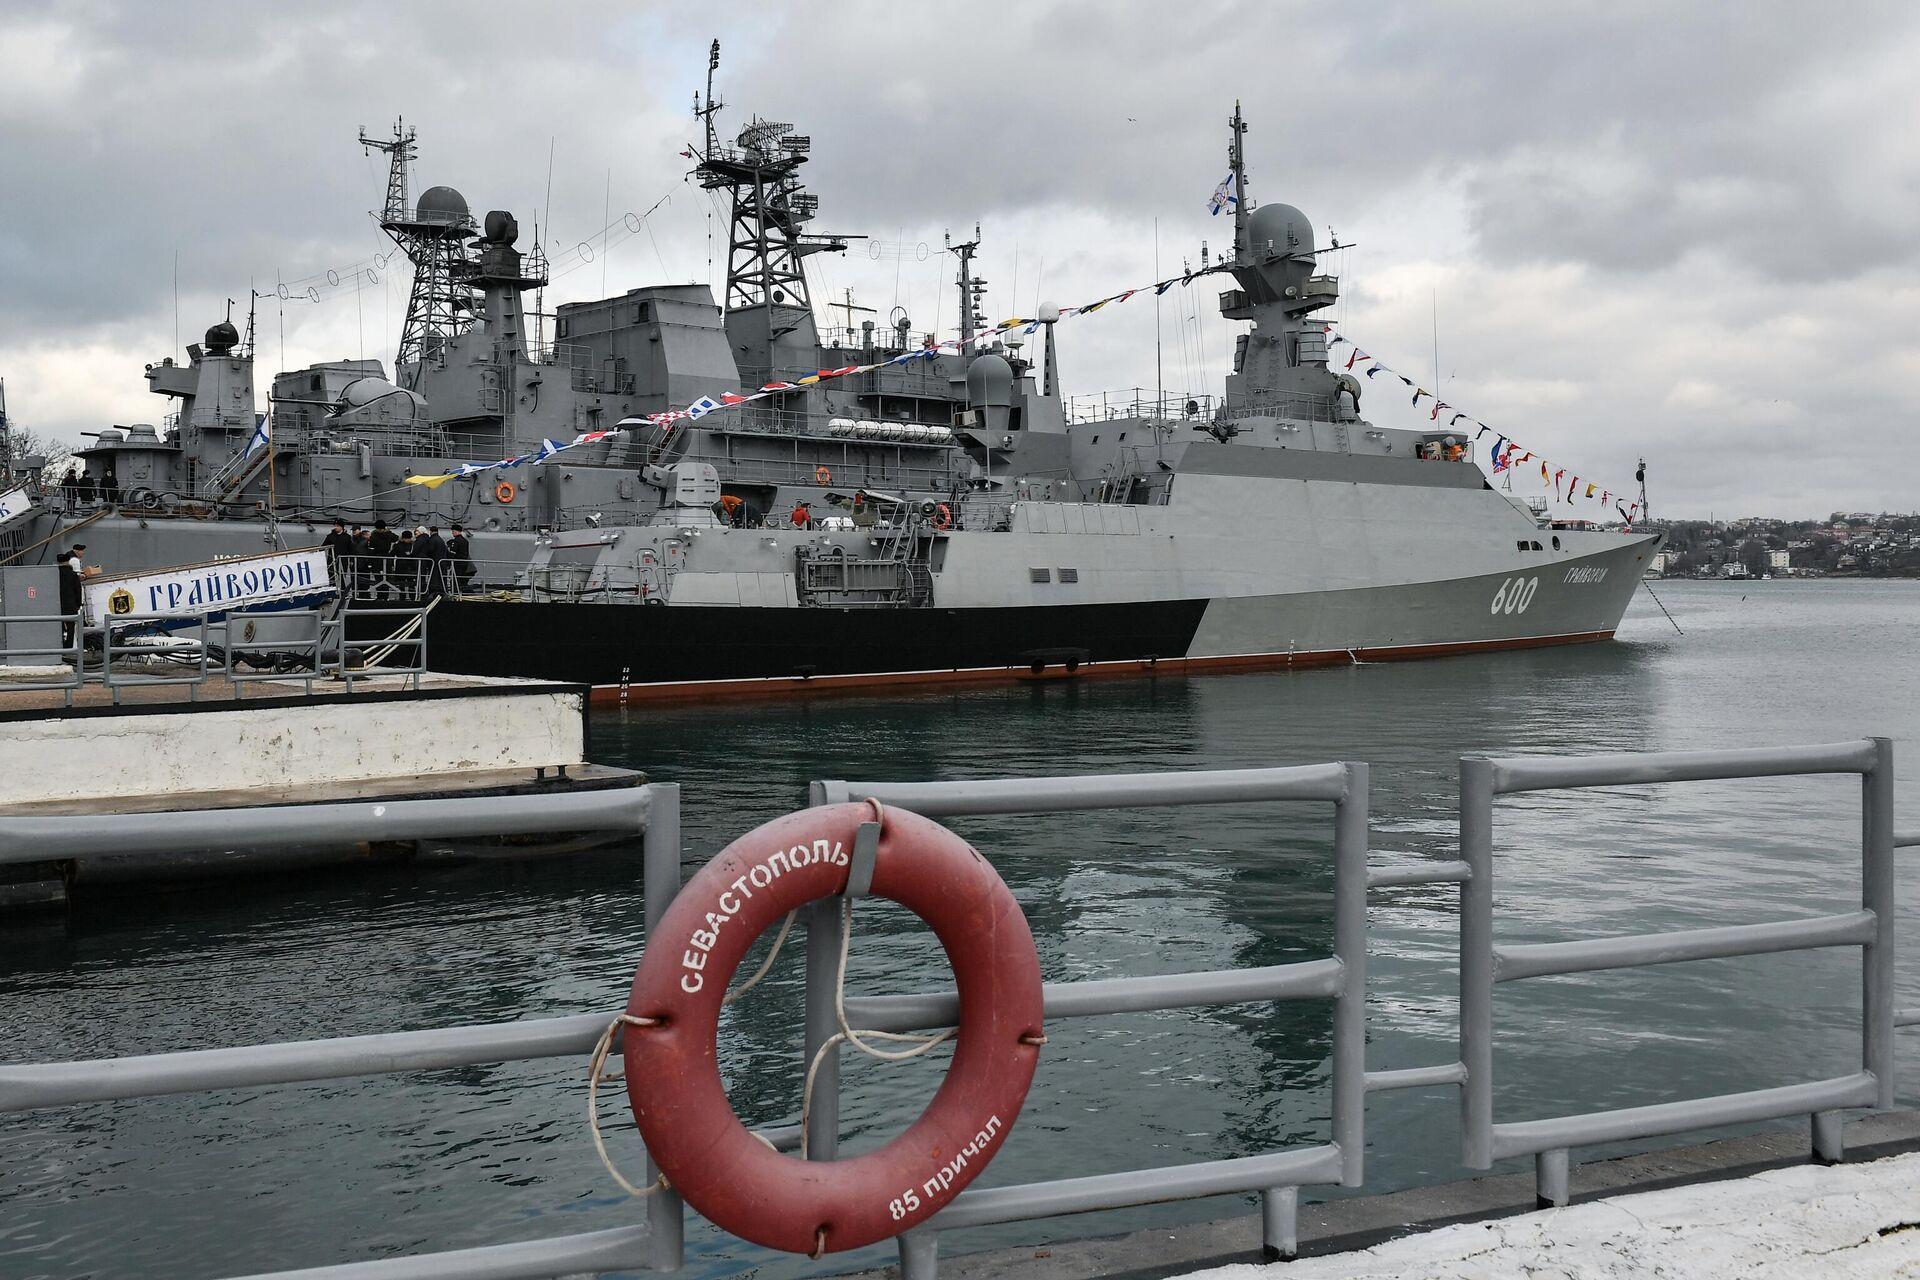 Малый ракетный корабль проекта 21631 (Буян-М) Грайворон во время торжественной церемонии принятия корабля в состав Черноморского флота в Севастополе - РИА Новости, 1920, 23.06.2021